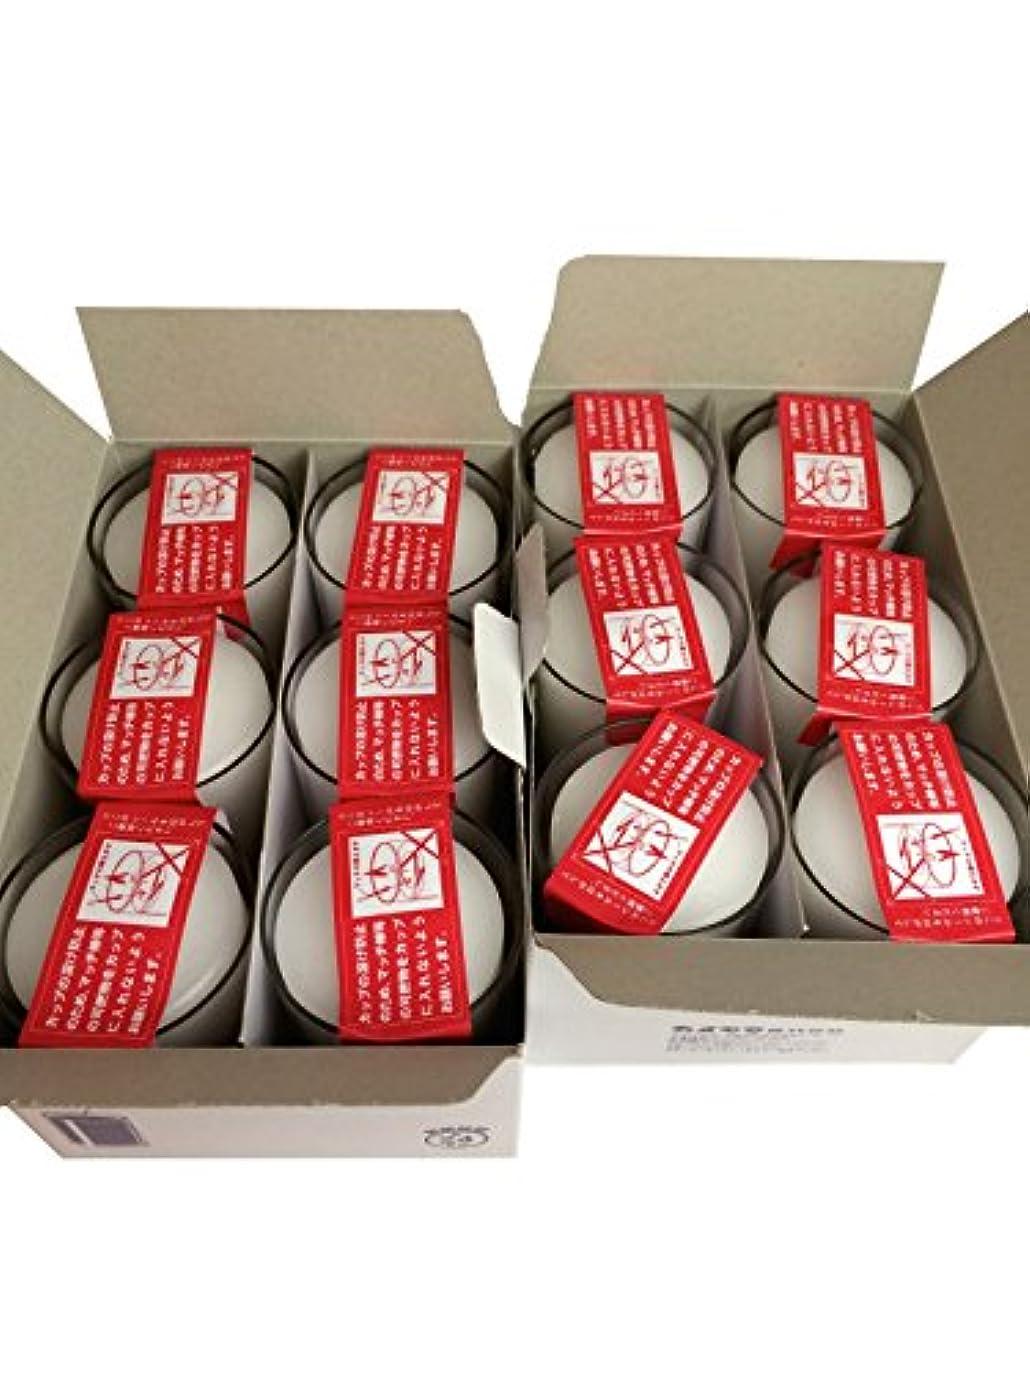 インゲン看板ほこりっぽいカメヤマローソク 長時間 24時間 ボーティブ カップ入り(6個×2箱set) 石のさかい 粗品付き